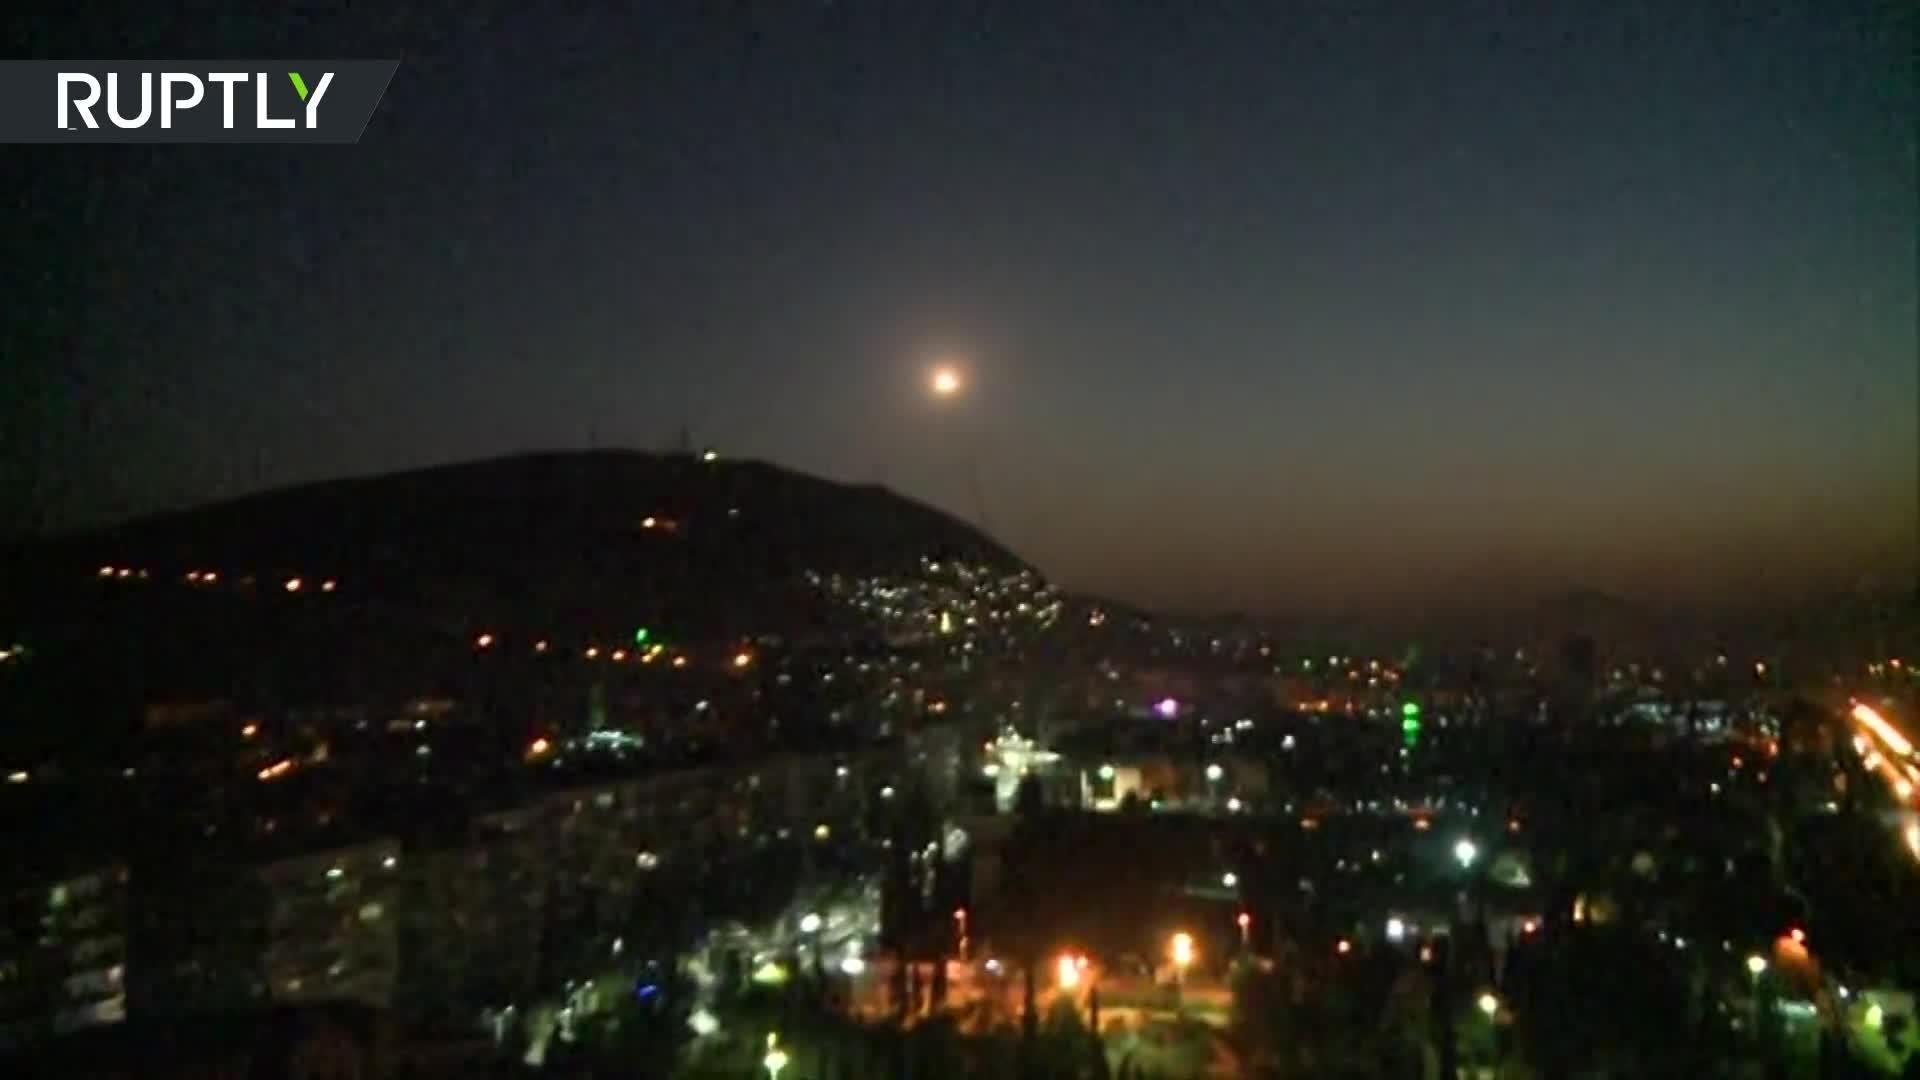 Tên lửa phòng không Syria kích hoạt nhằm chống trả lại cuộc tấn công của liên quân do Mỹ dẫn đầu hôm 14/4